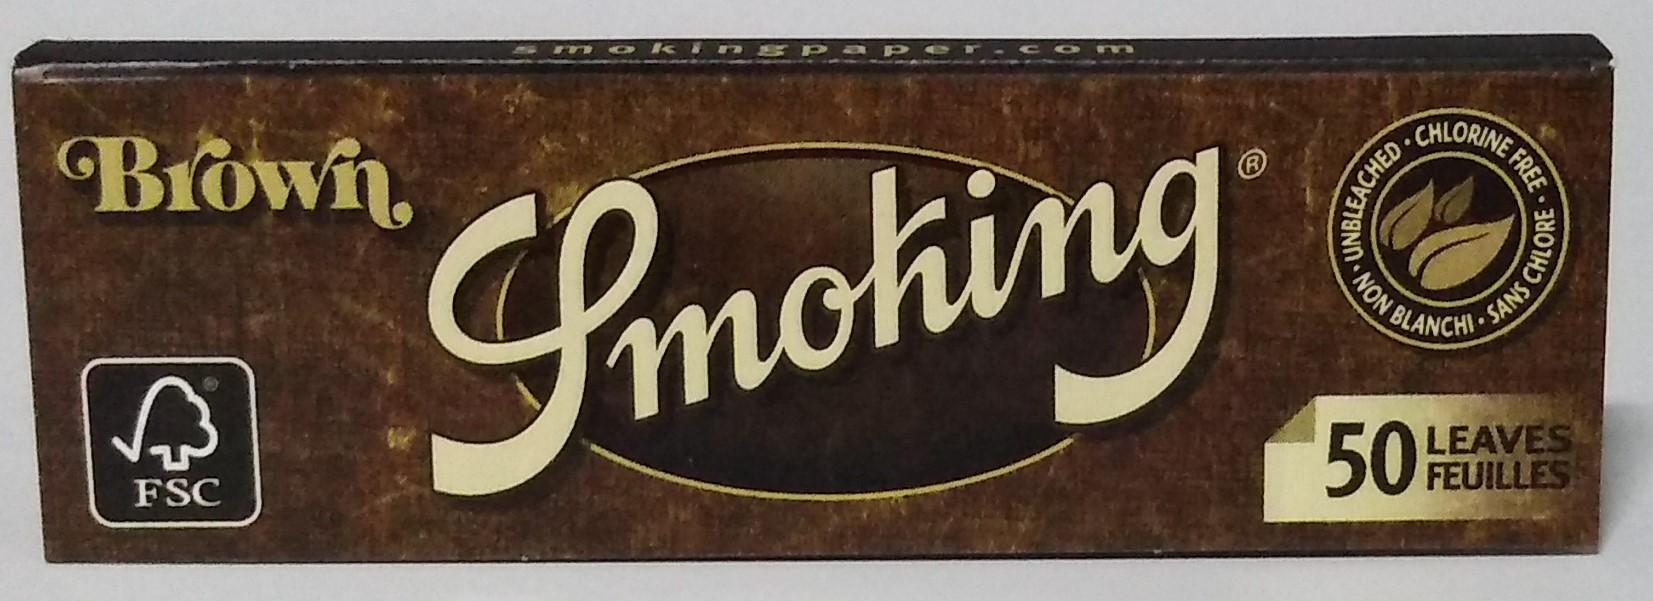 Papel Smoking Brown 1.1/4